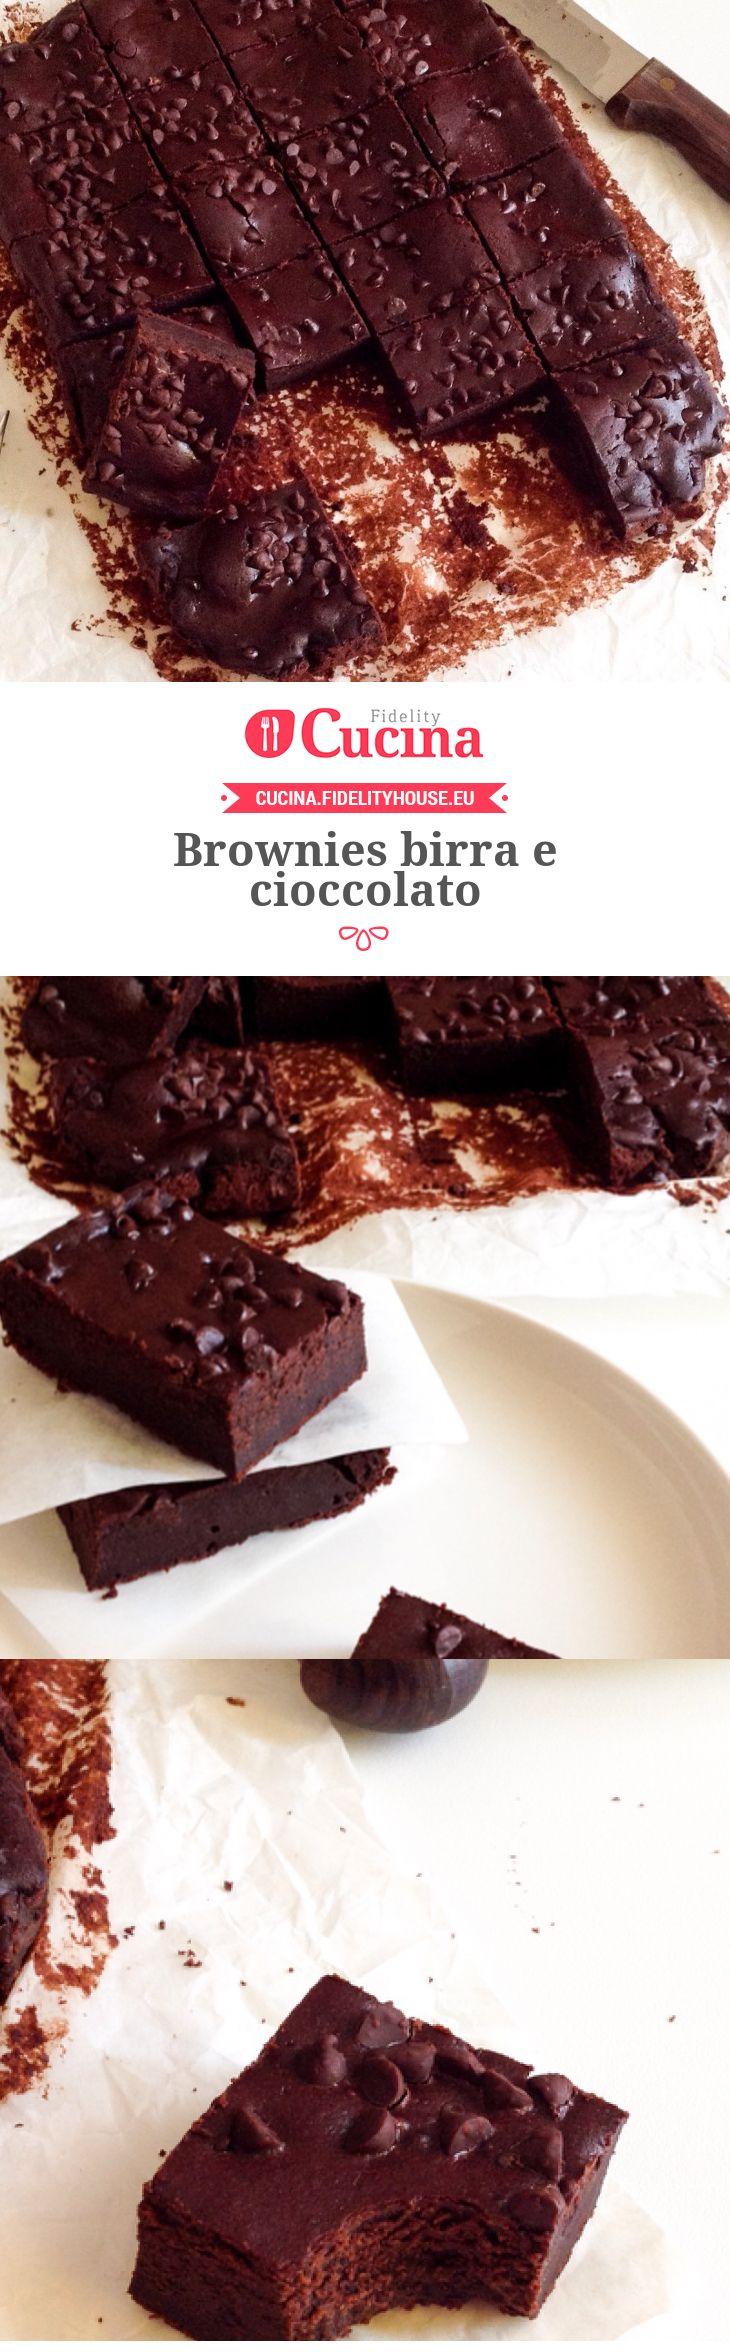 Brownies birra e cioccolato